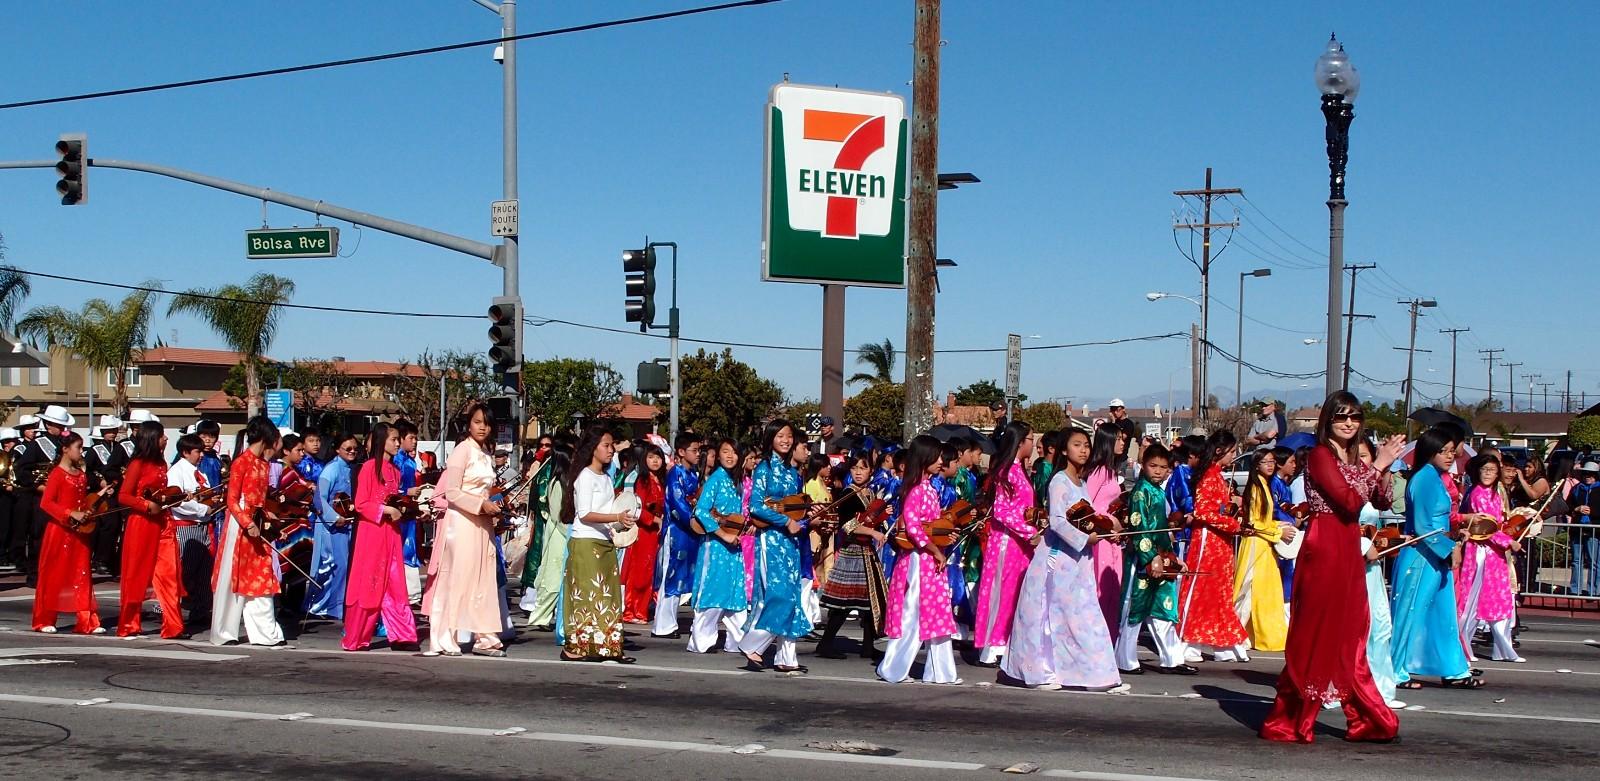 Lễ diễu hành vào dịp Tết với quy mô lớn của người Việt tại Mỹ